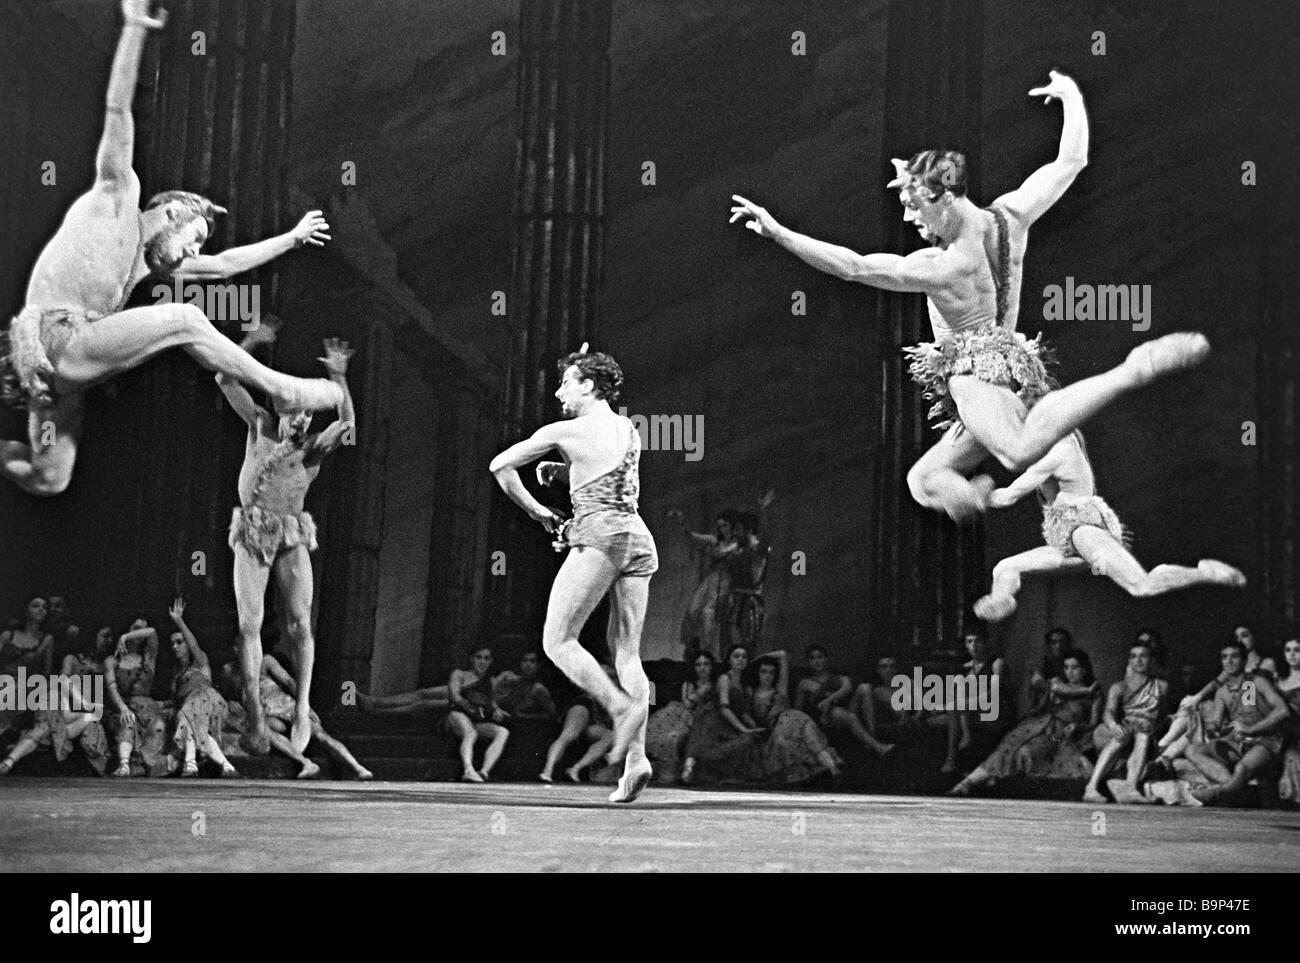 Gounod s Faust on at the Kirov Opera Leningrad 1961 The Walpurgis Night ballet scene - Stock Image